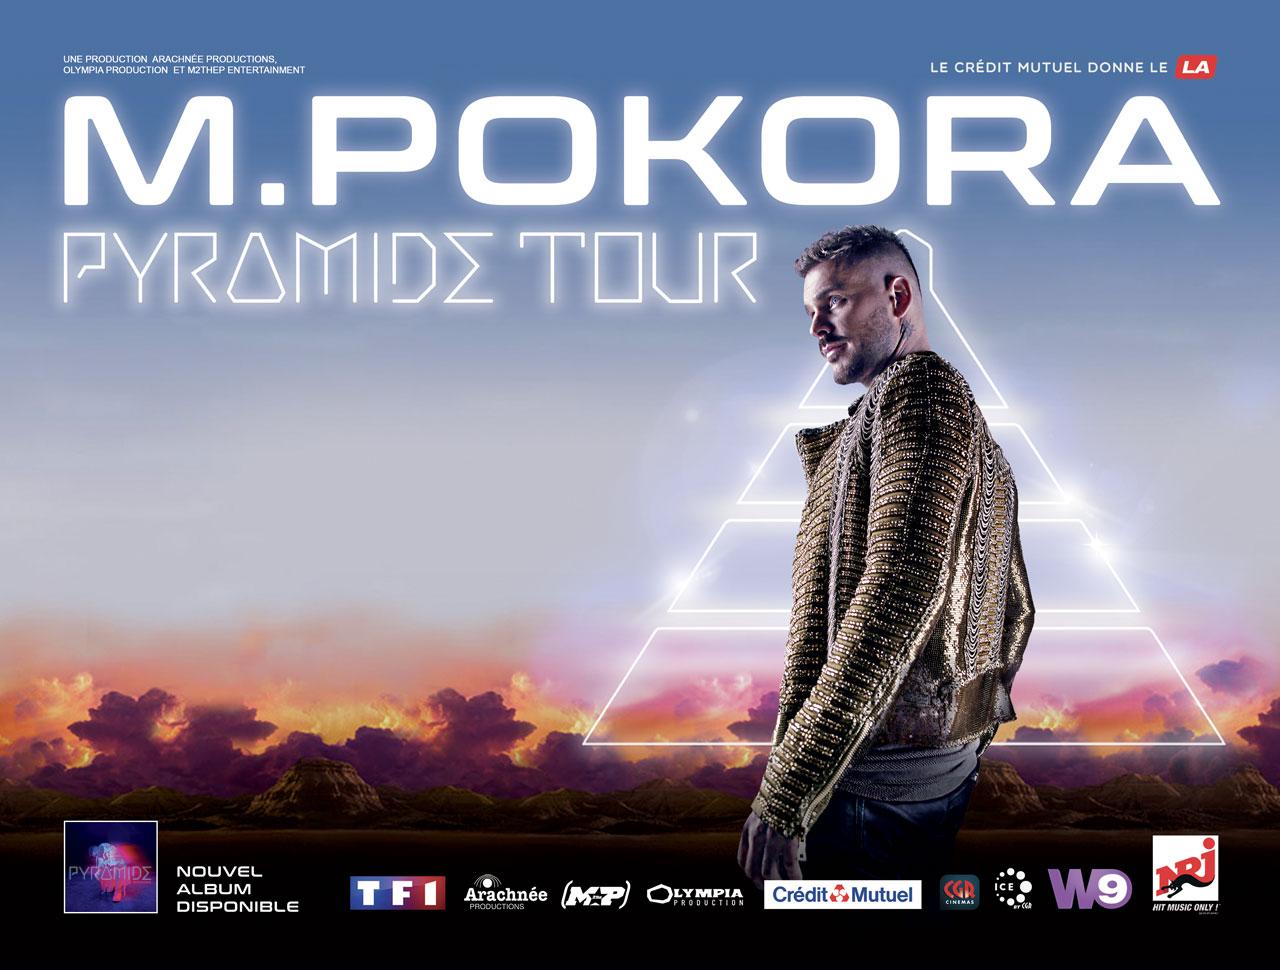 La tournée 2020 de M Pokora